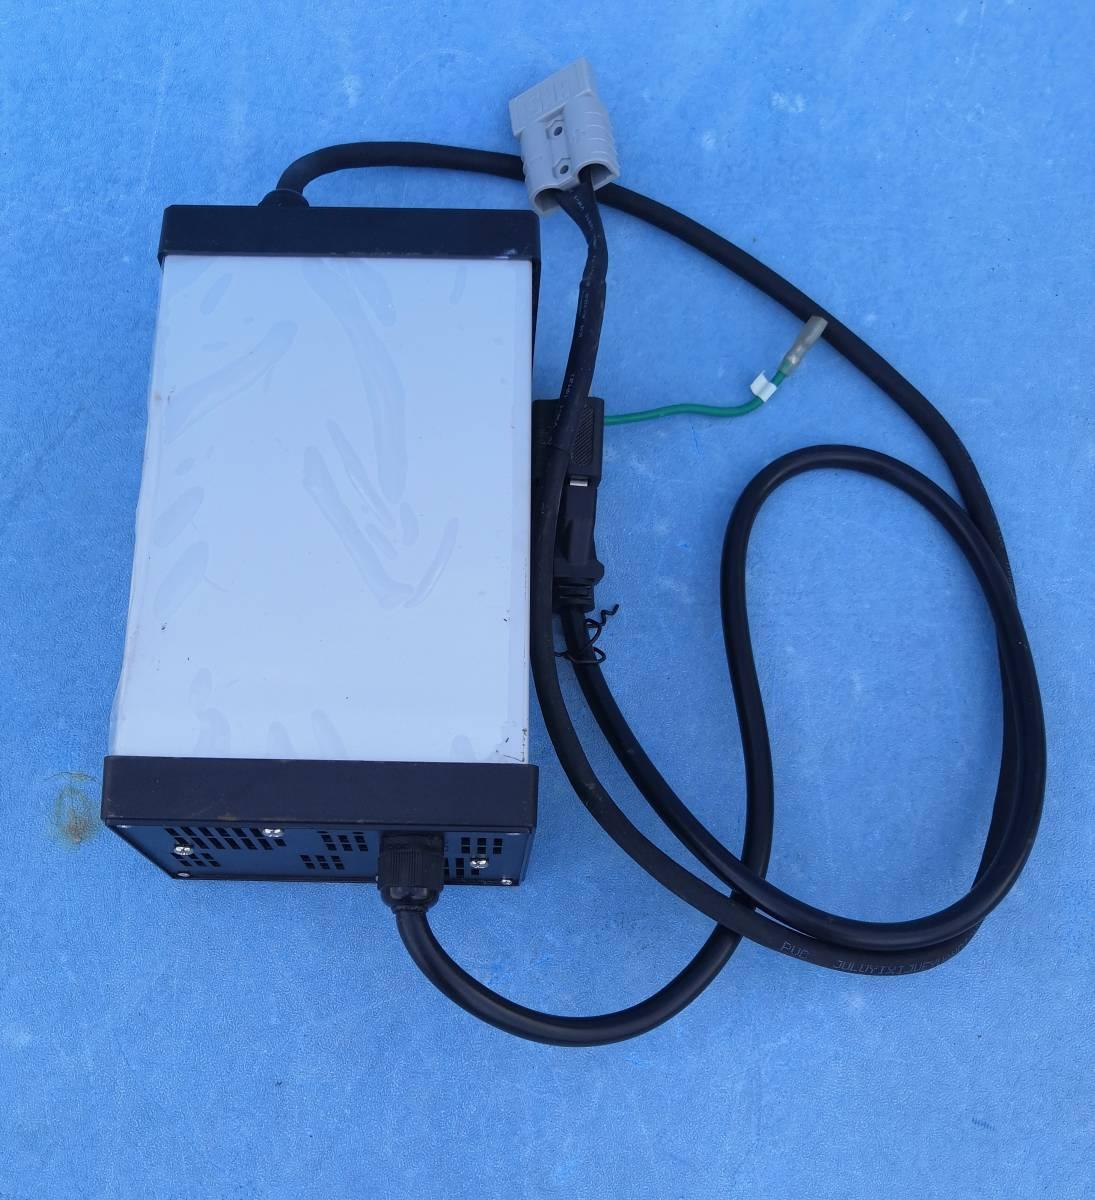 リーフバッテリーユニット10枚用充電器84V10A充電動作確認しました_画像1